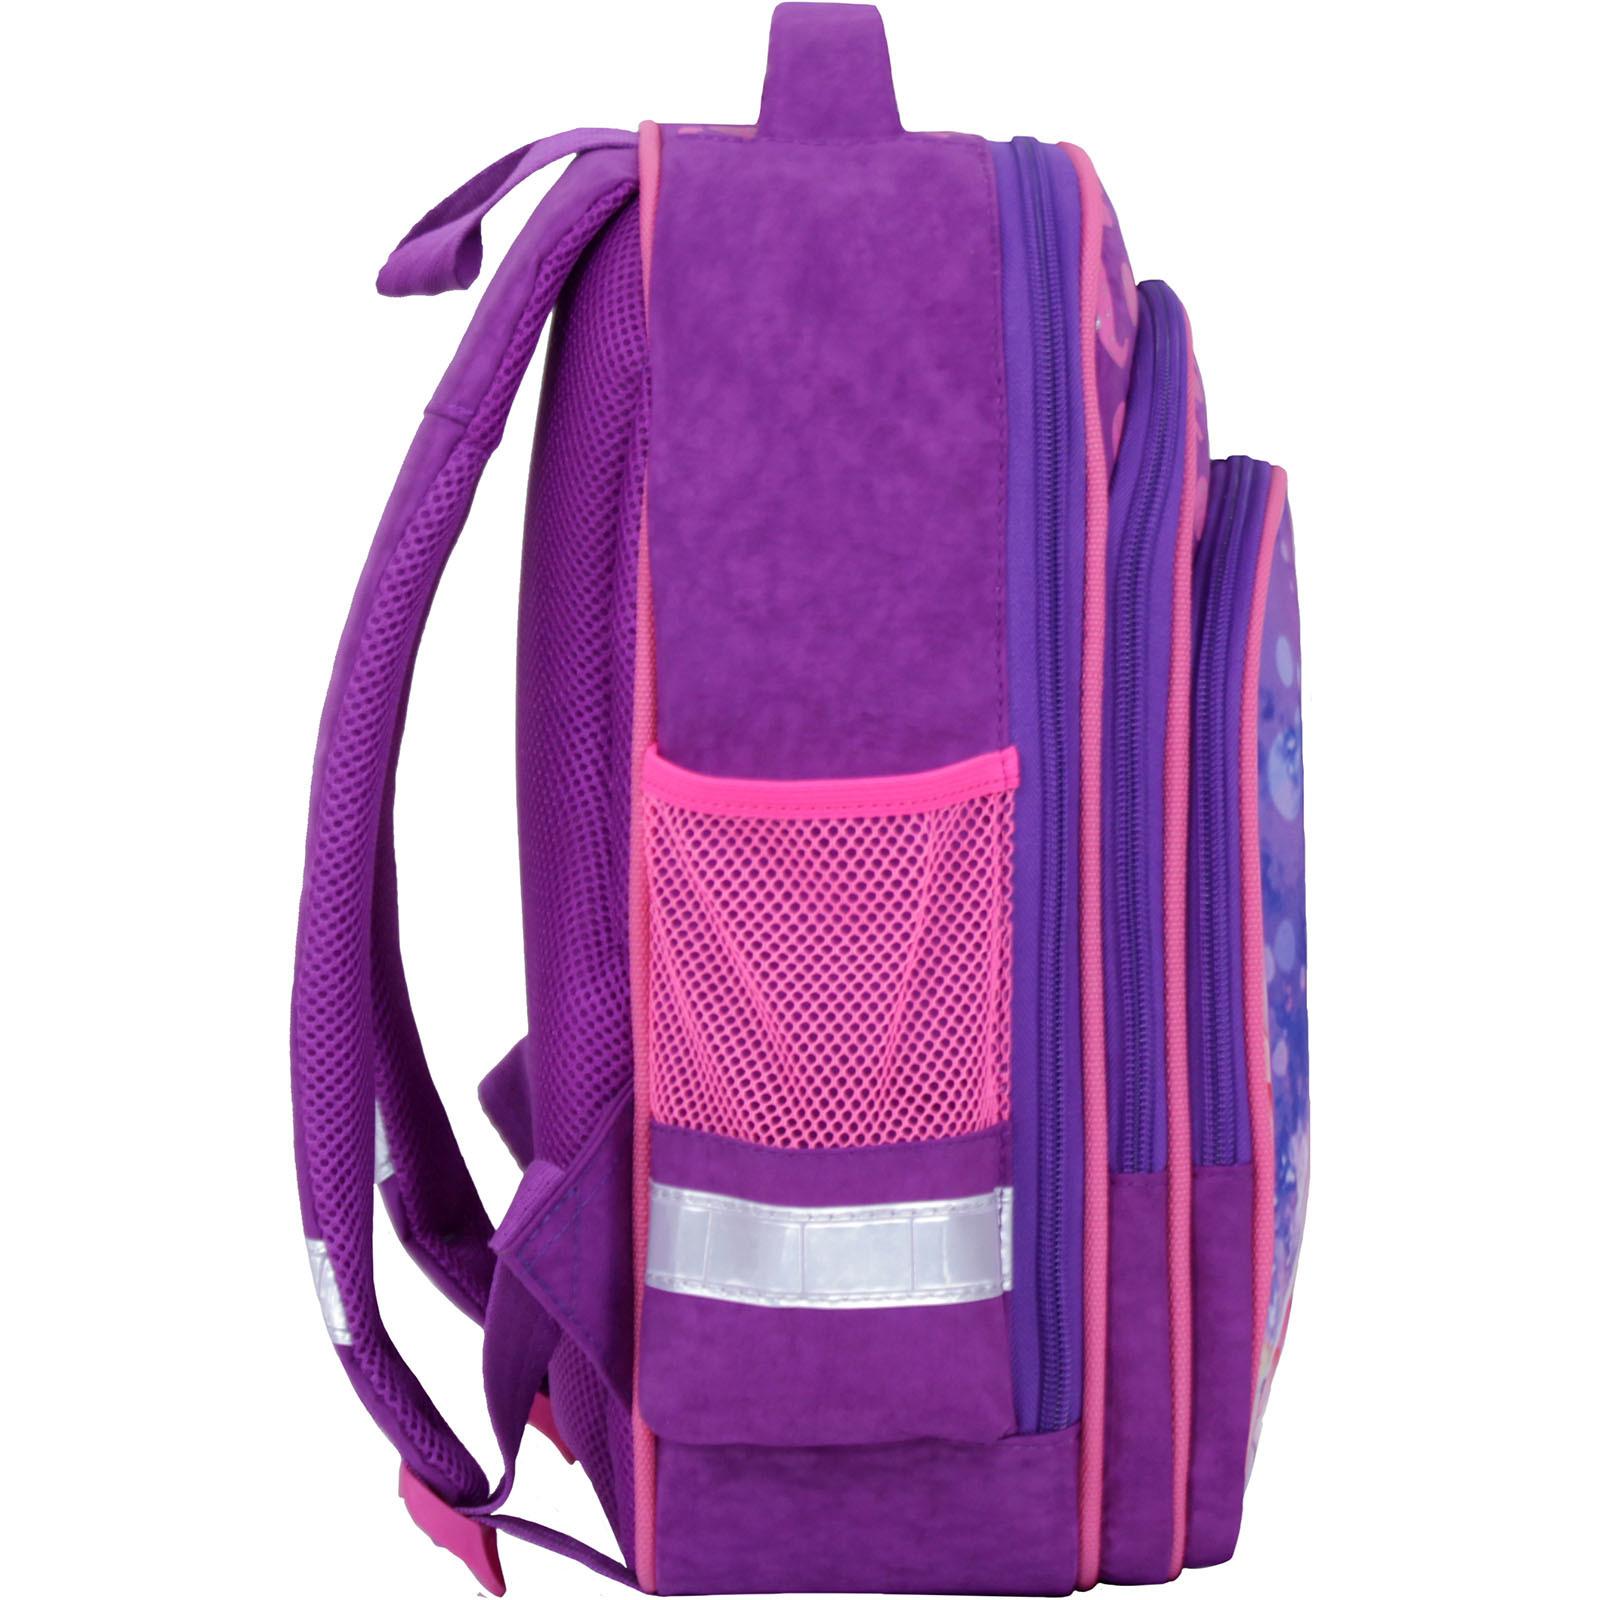 Рюкзак школьный Bagland Mouse 339 фиолетовый 428 (0051370) фото 2